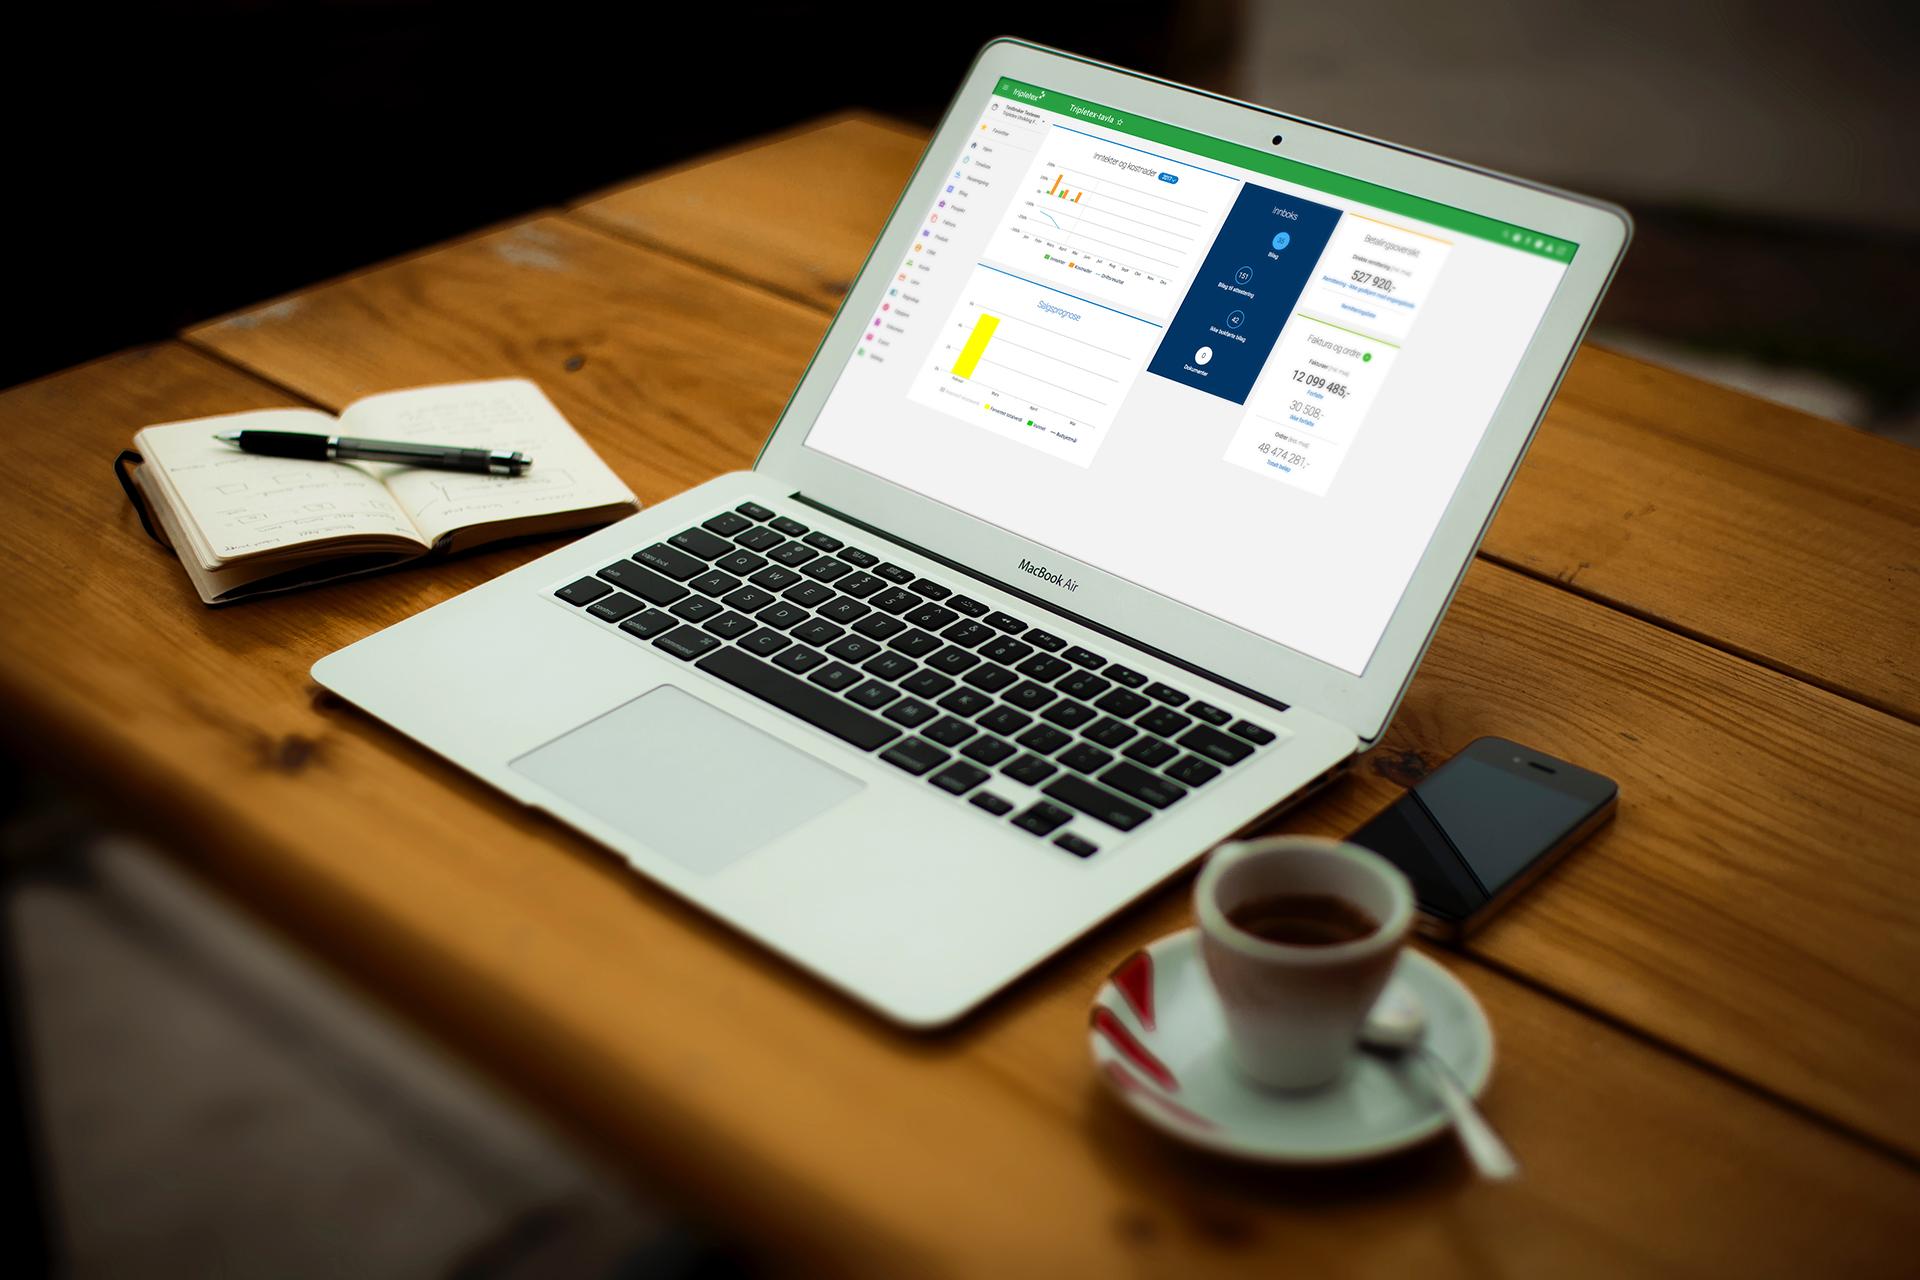 Lindberg Regnskap AS er et autorisert regnskapsførerselskap som tilbyr regnskapsførsel, lønn og rådgivning om skatt, mva, rapportering, og arbeidsgiveravgift.